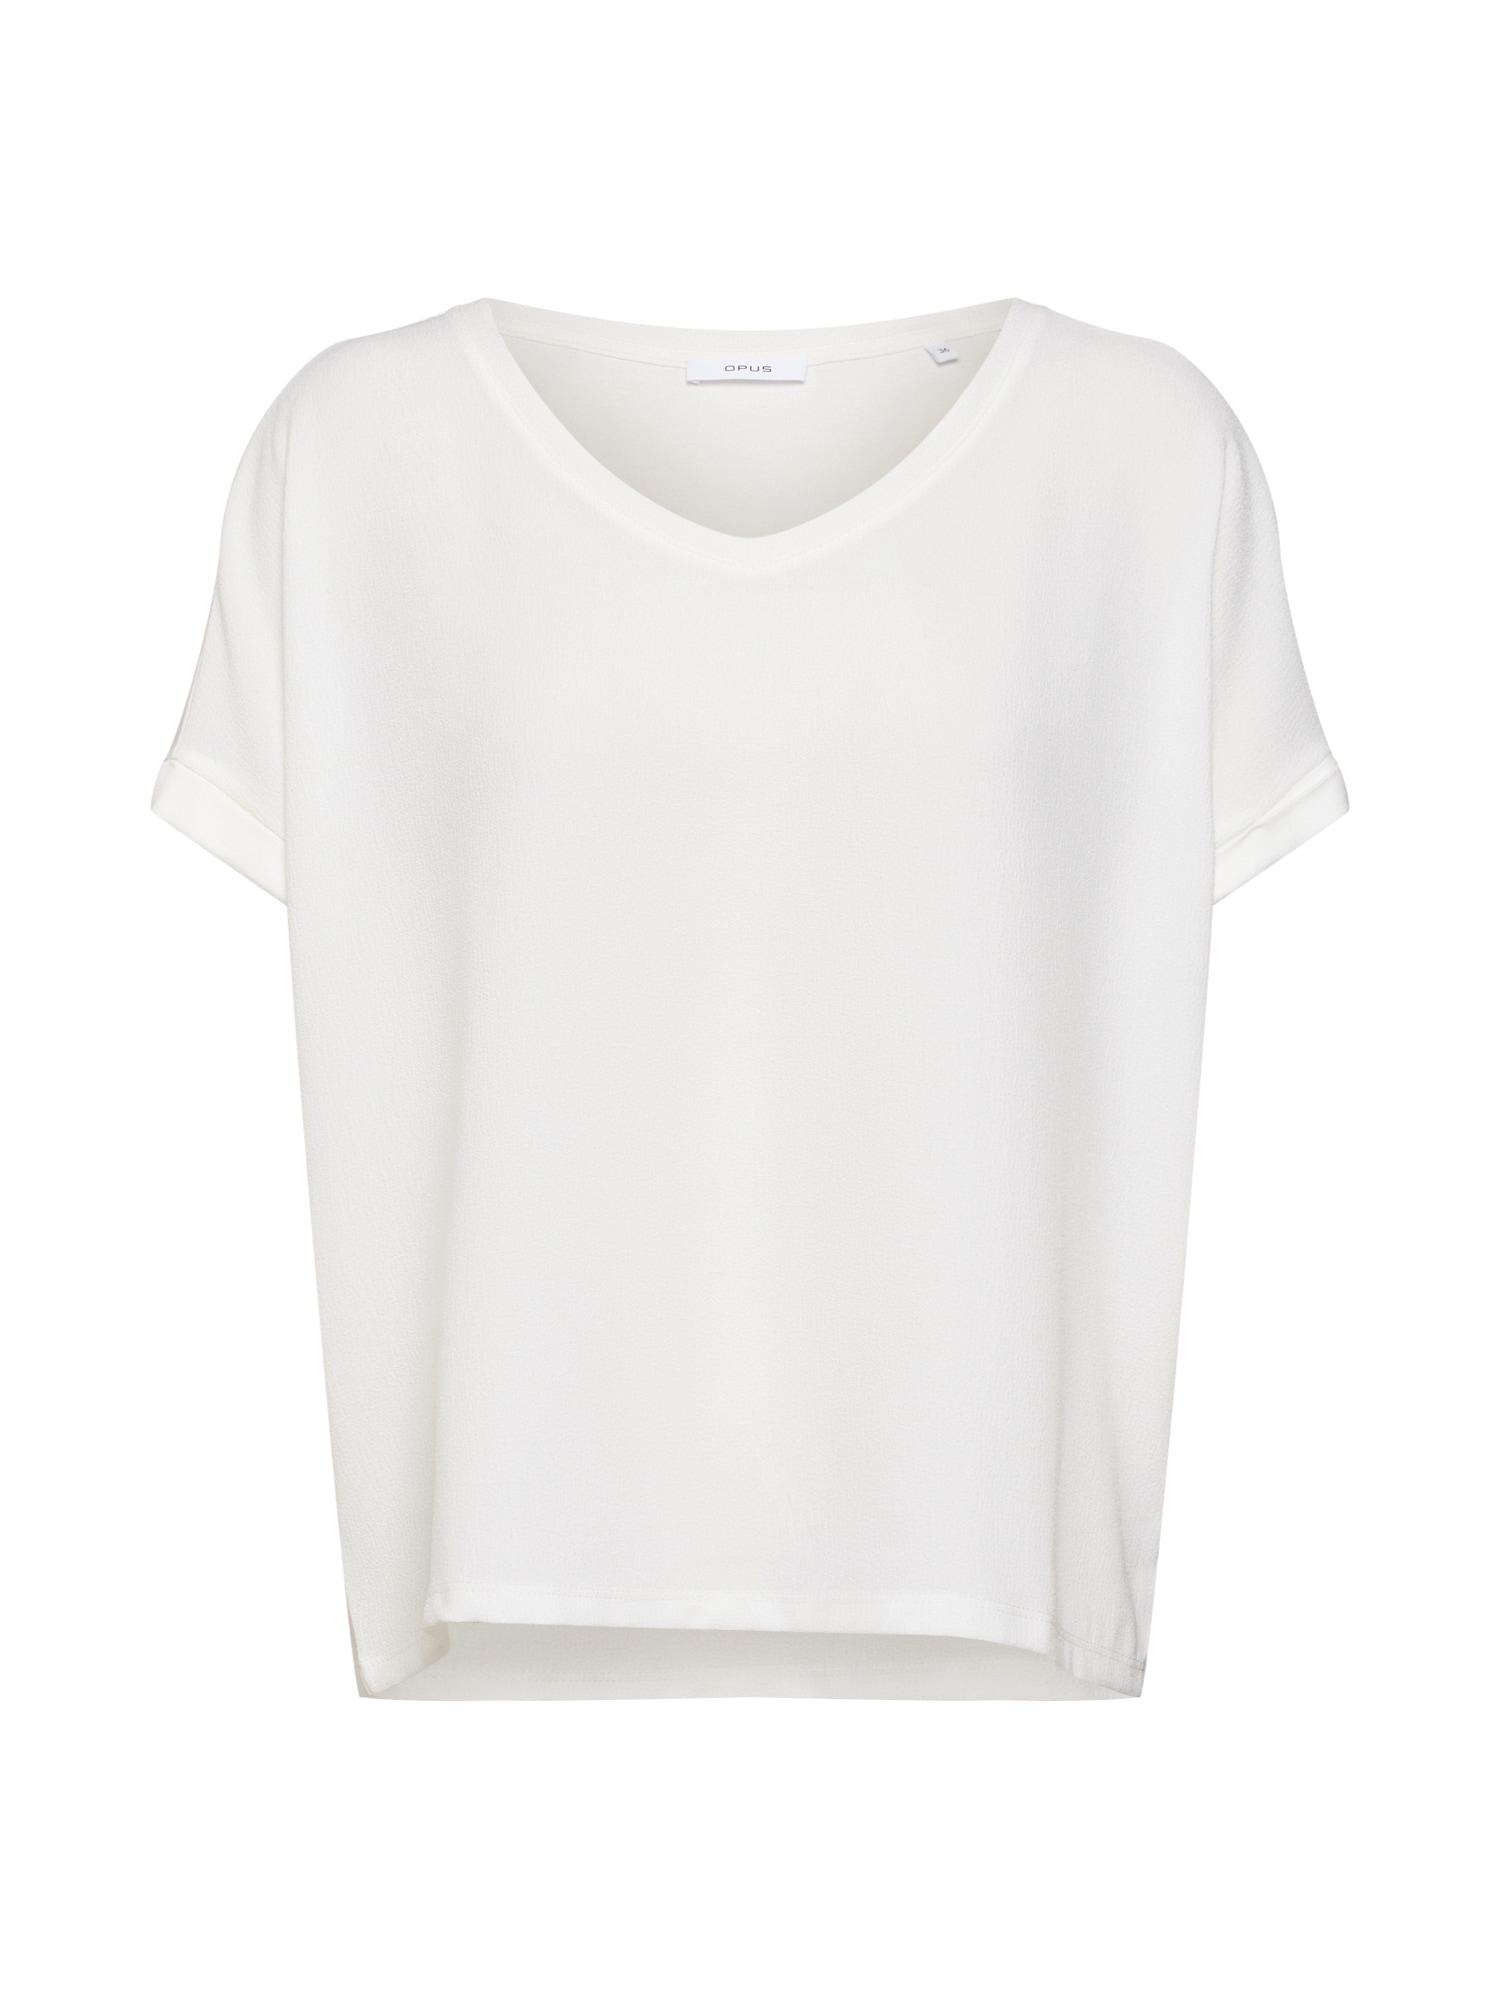 Tričko Suminchen krémová OPUS